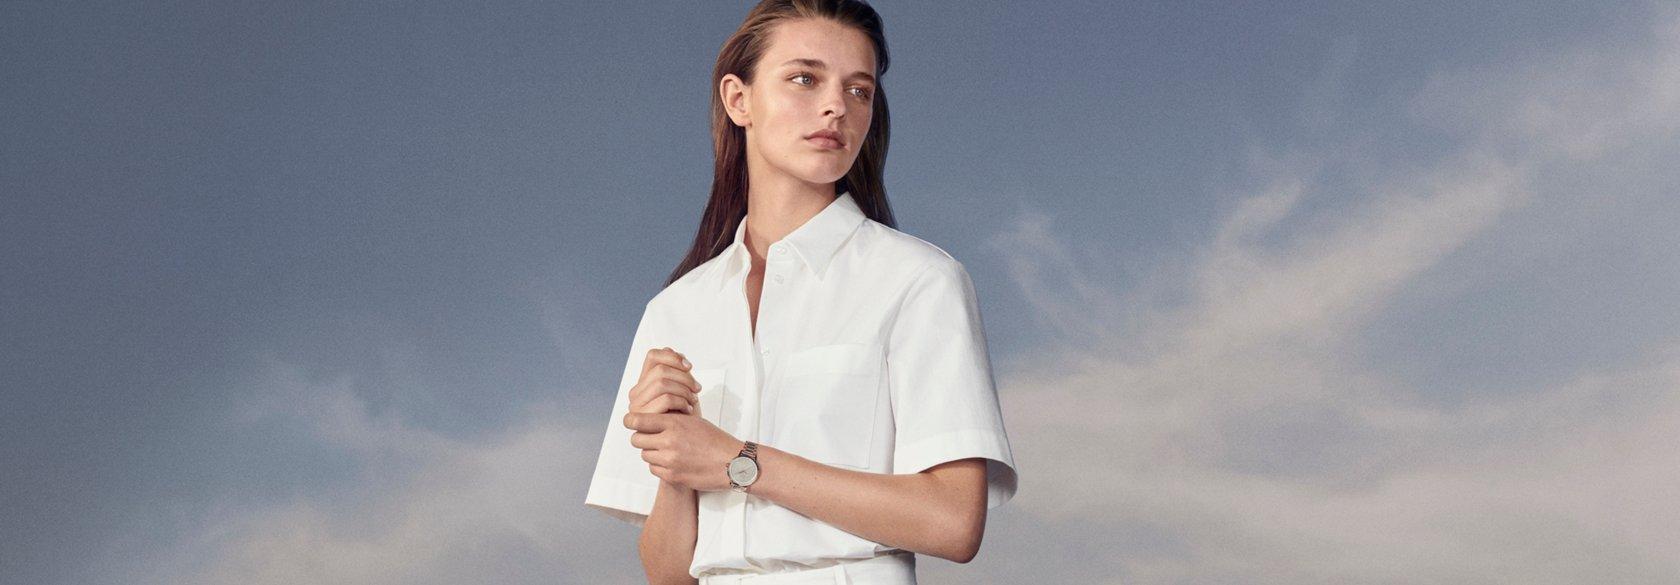 cc5b4dede3 Mujer con blusa blanca junto con pantalones blancos y reloj de BOSS ...